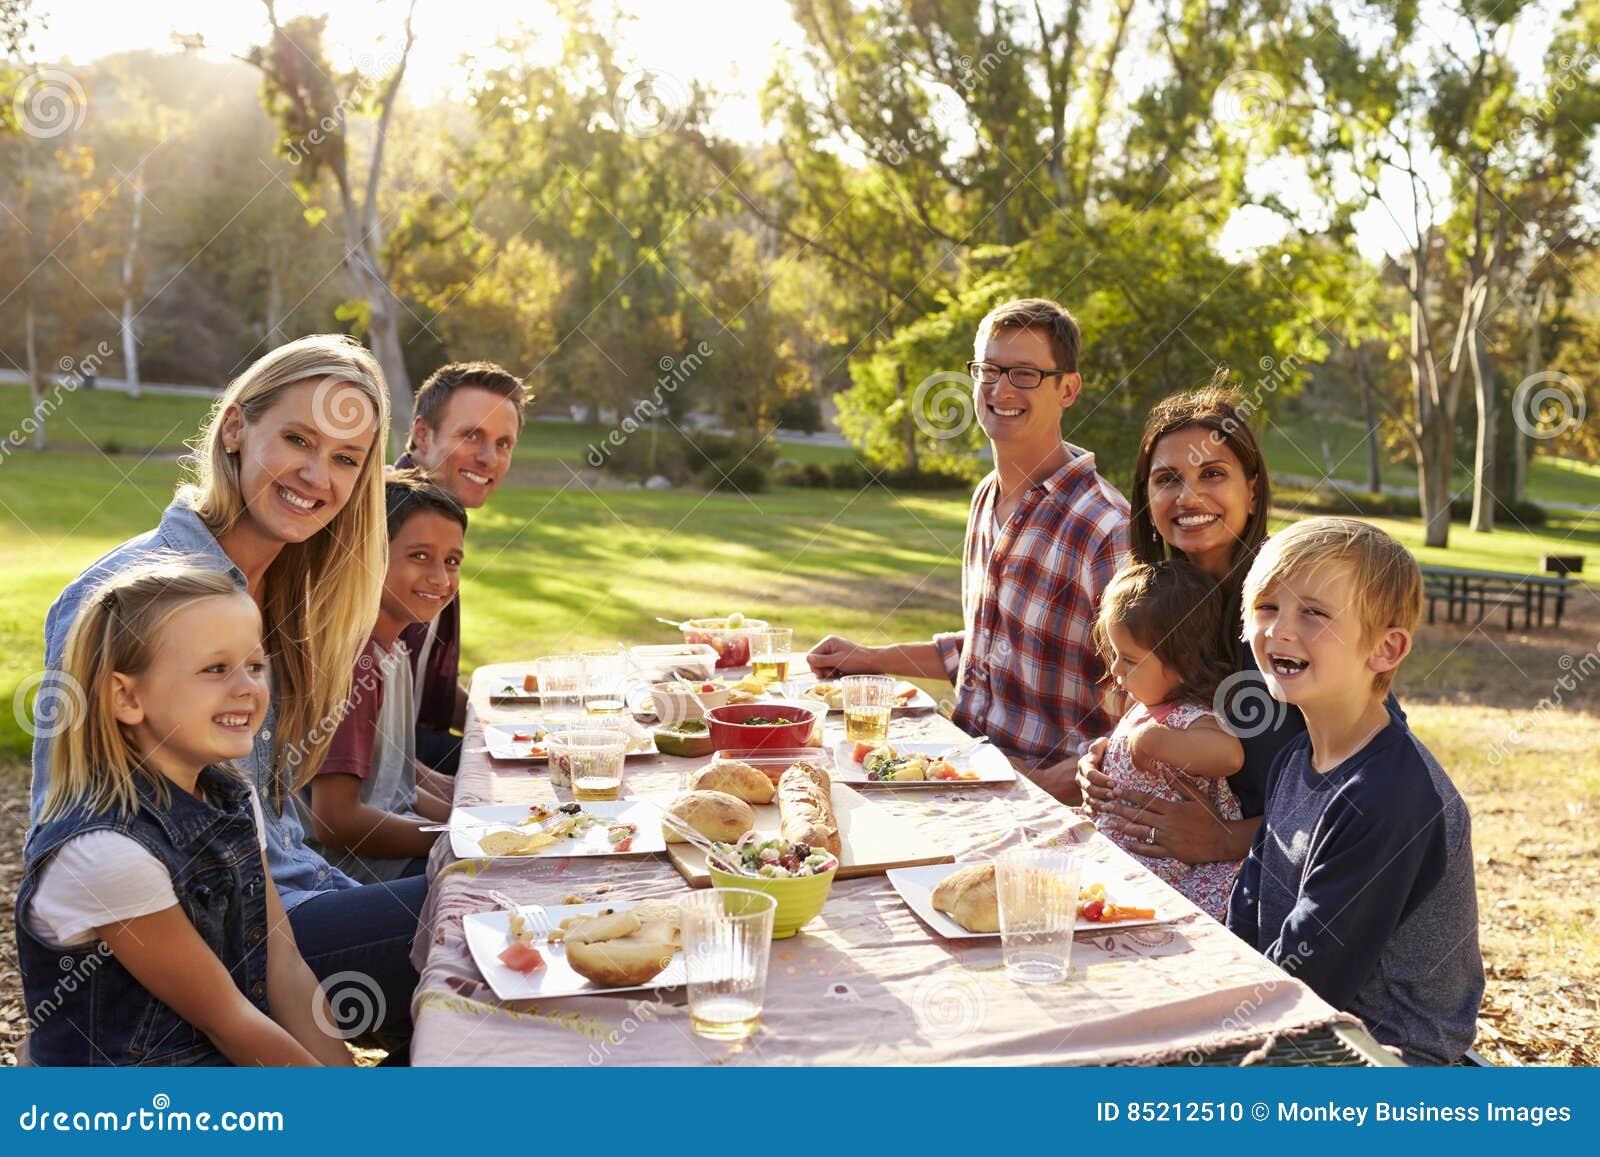 Zwei Familien, die ein Picknick an einem Tabellenblick zur Kamera haben